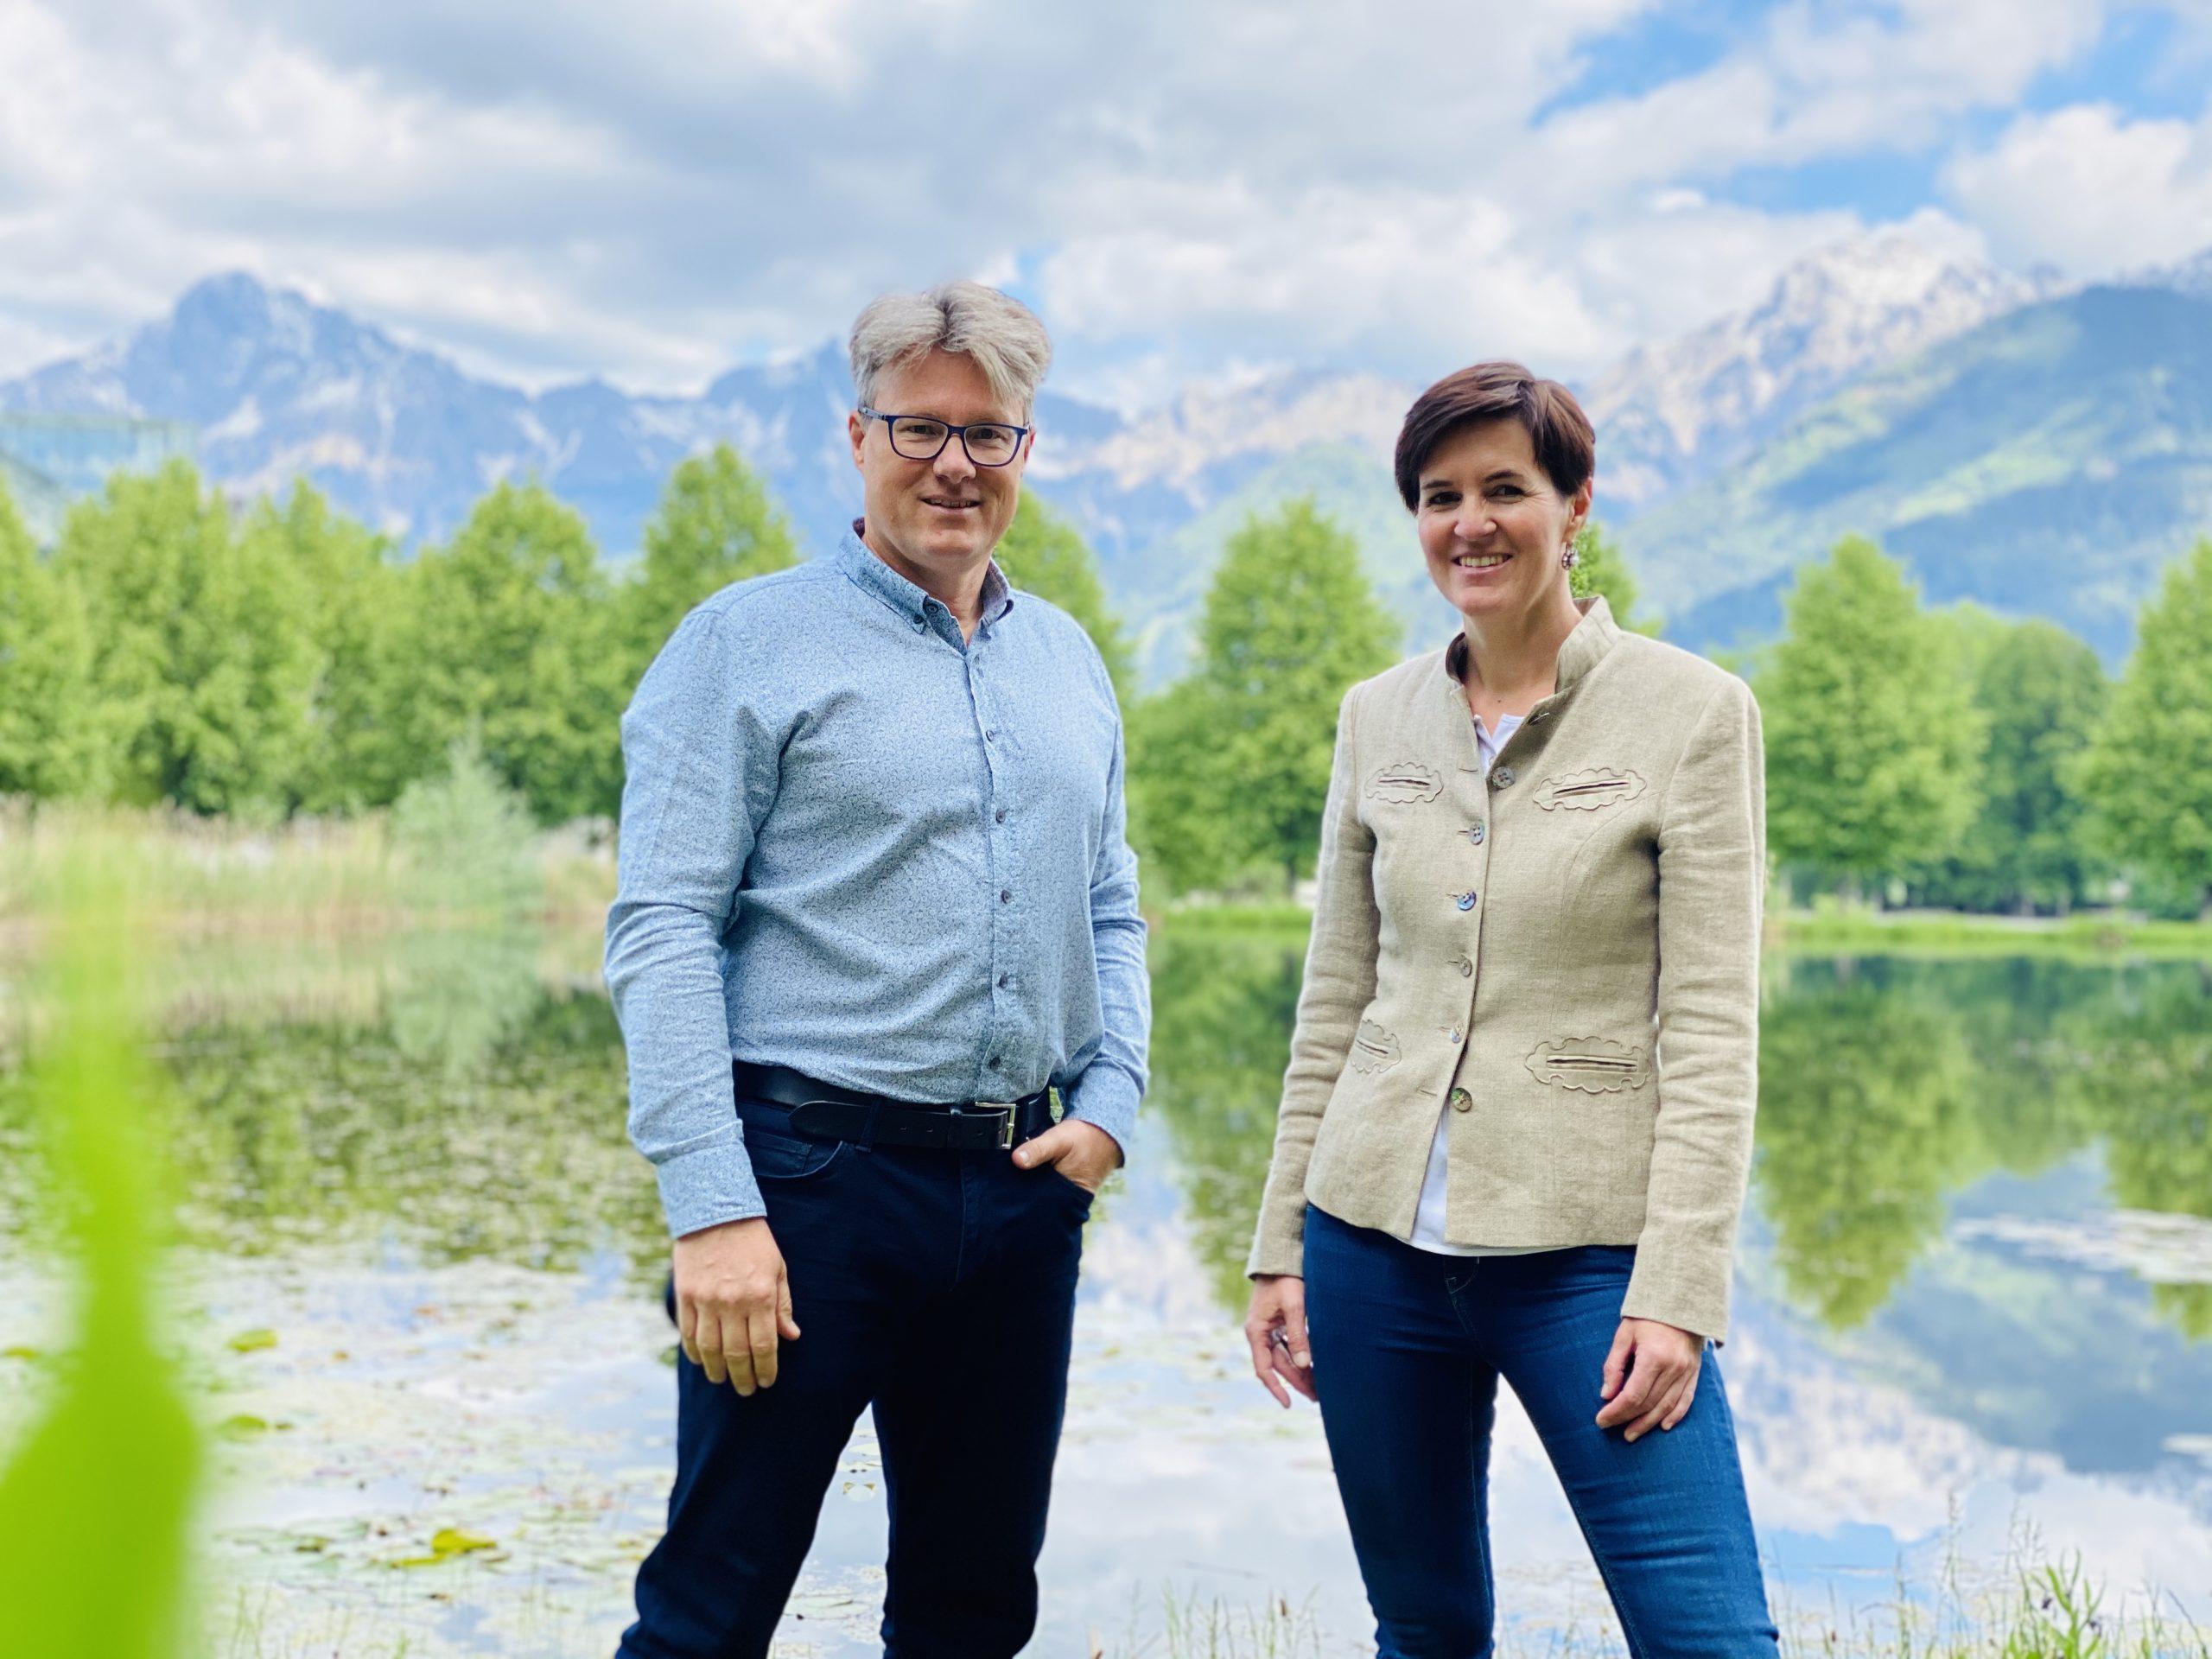 Ziehen eine positive erste Bilanz: die Mediziner Oliver und Eva Petz (Foto: CS)